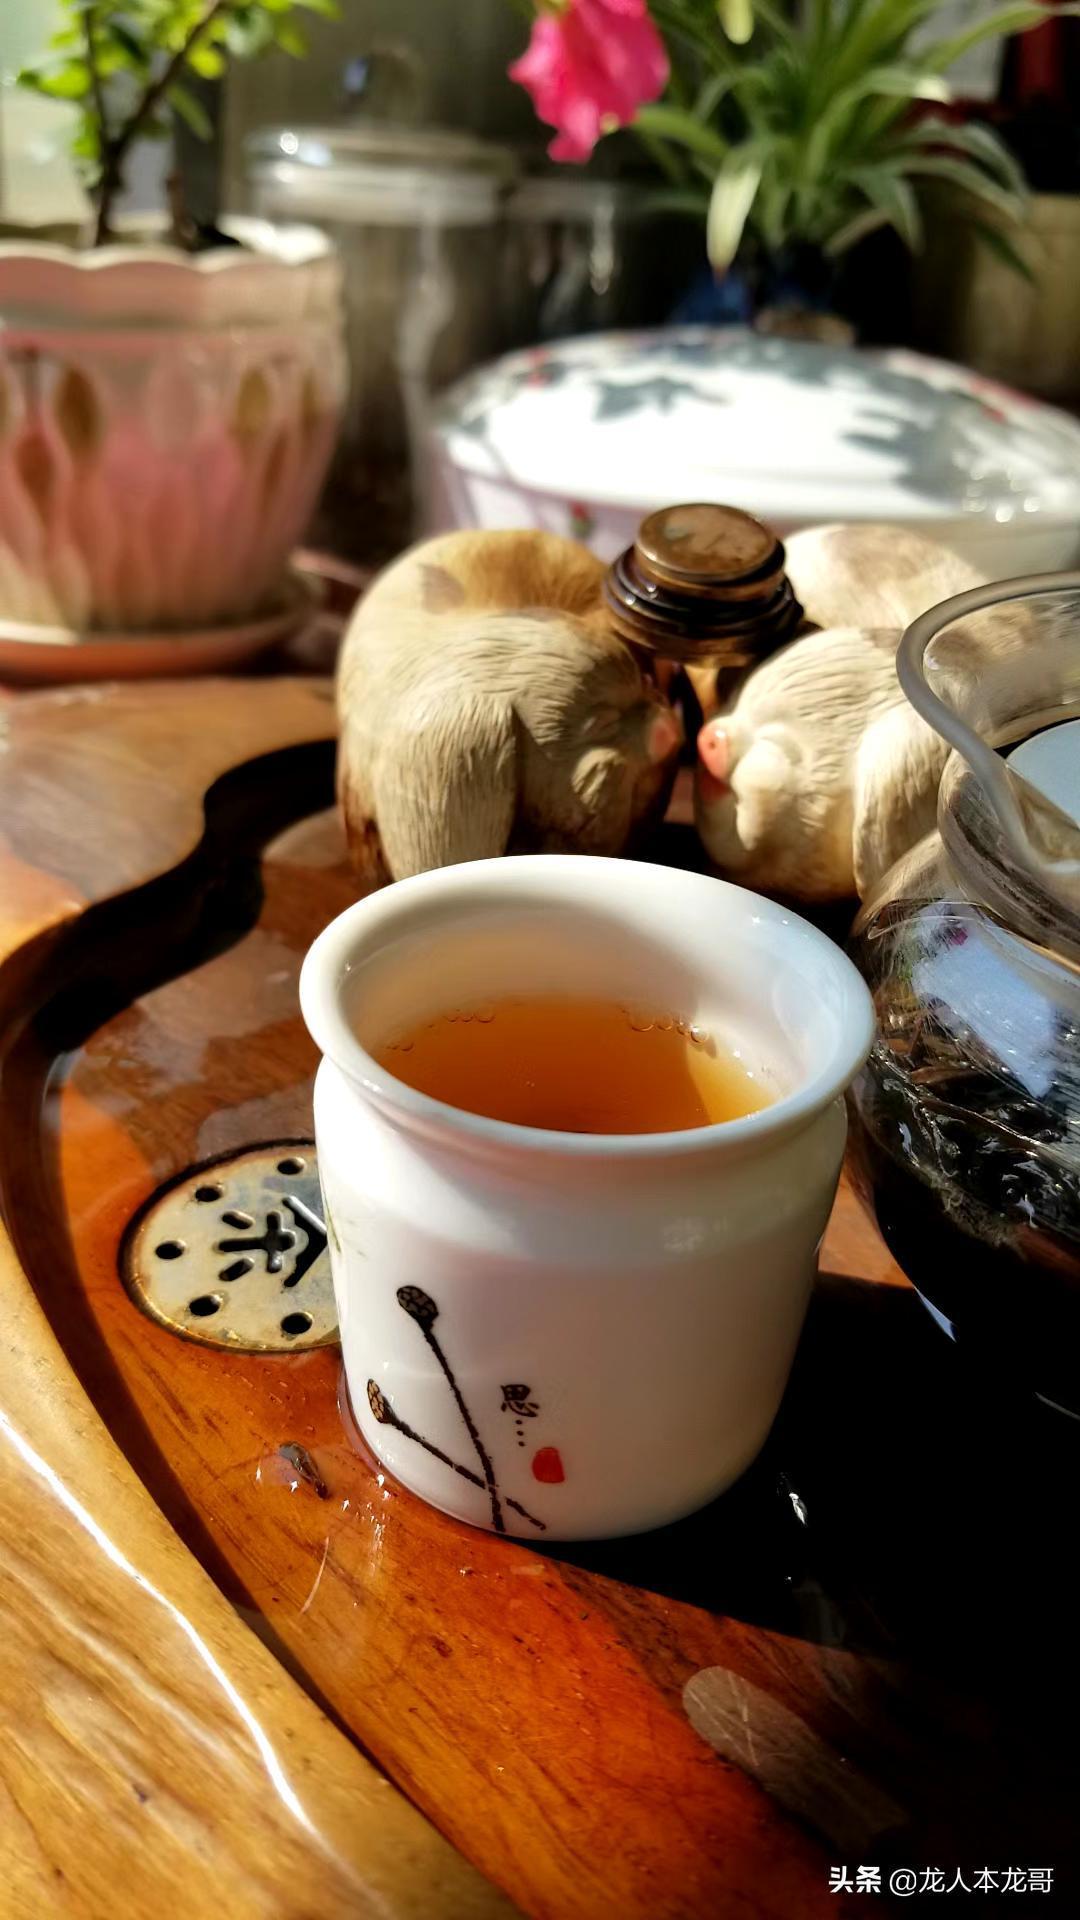 根据不同的萎凋方法,才能产出优质白茶。